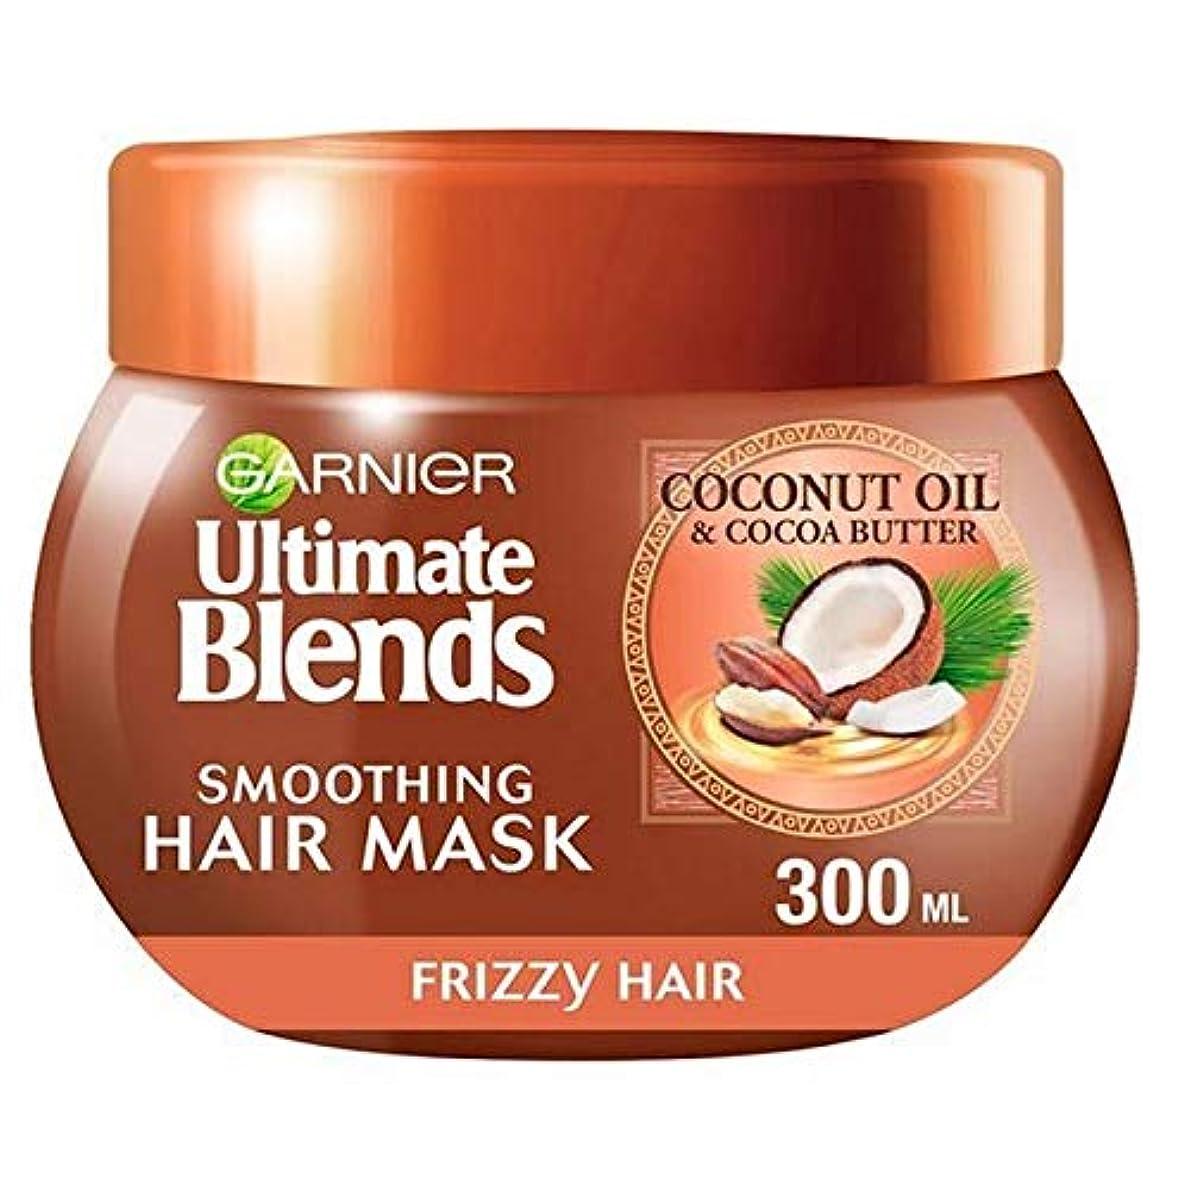 作り若いフリッパー[Garnier ] 究極のブレンドココナッツオイル縮れた毛のマスク300ミリリットル - Ultimate Blends Coconut Oil Frizzy Hair Mask 300ml [並行輸入品]